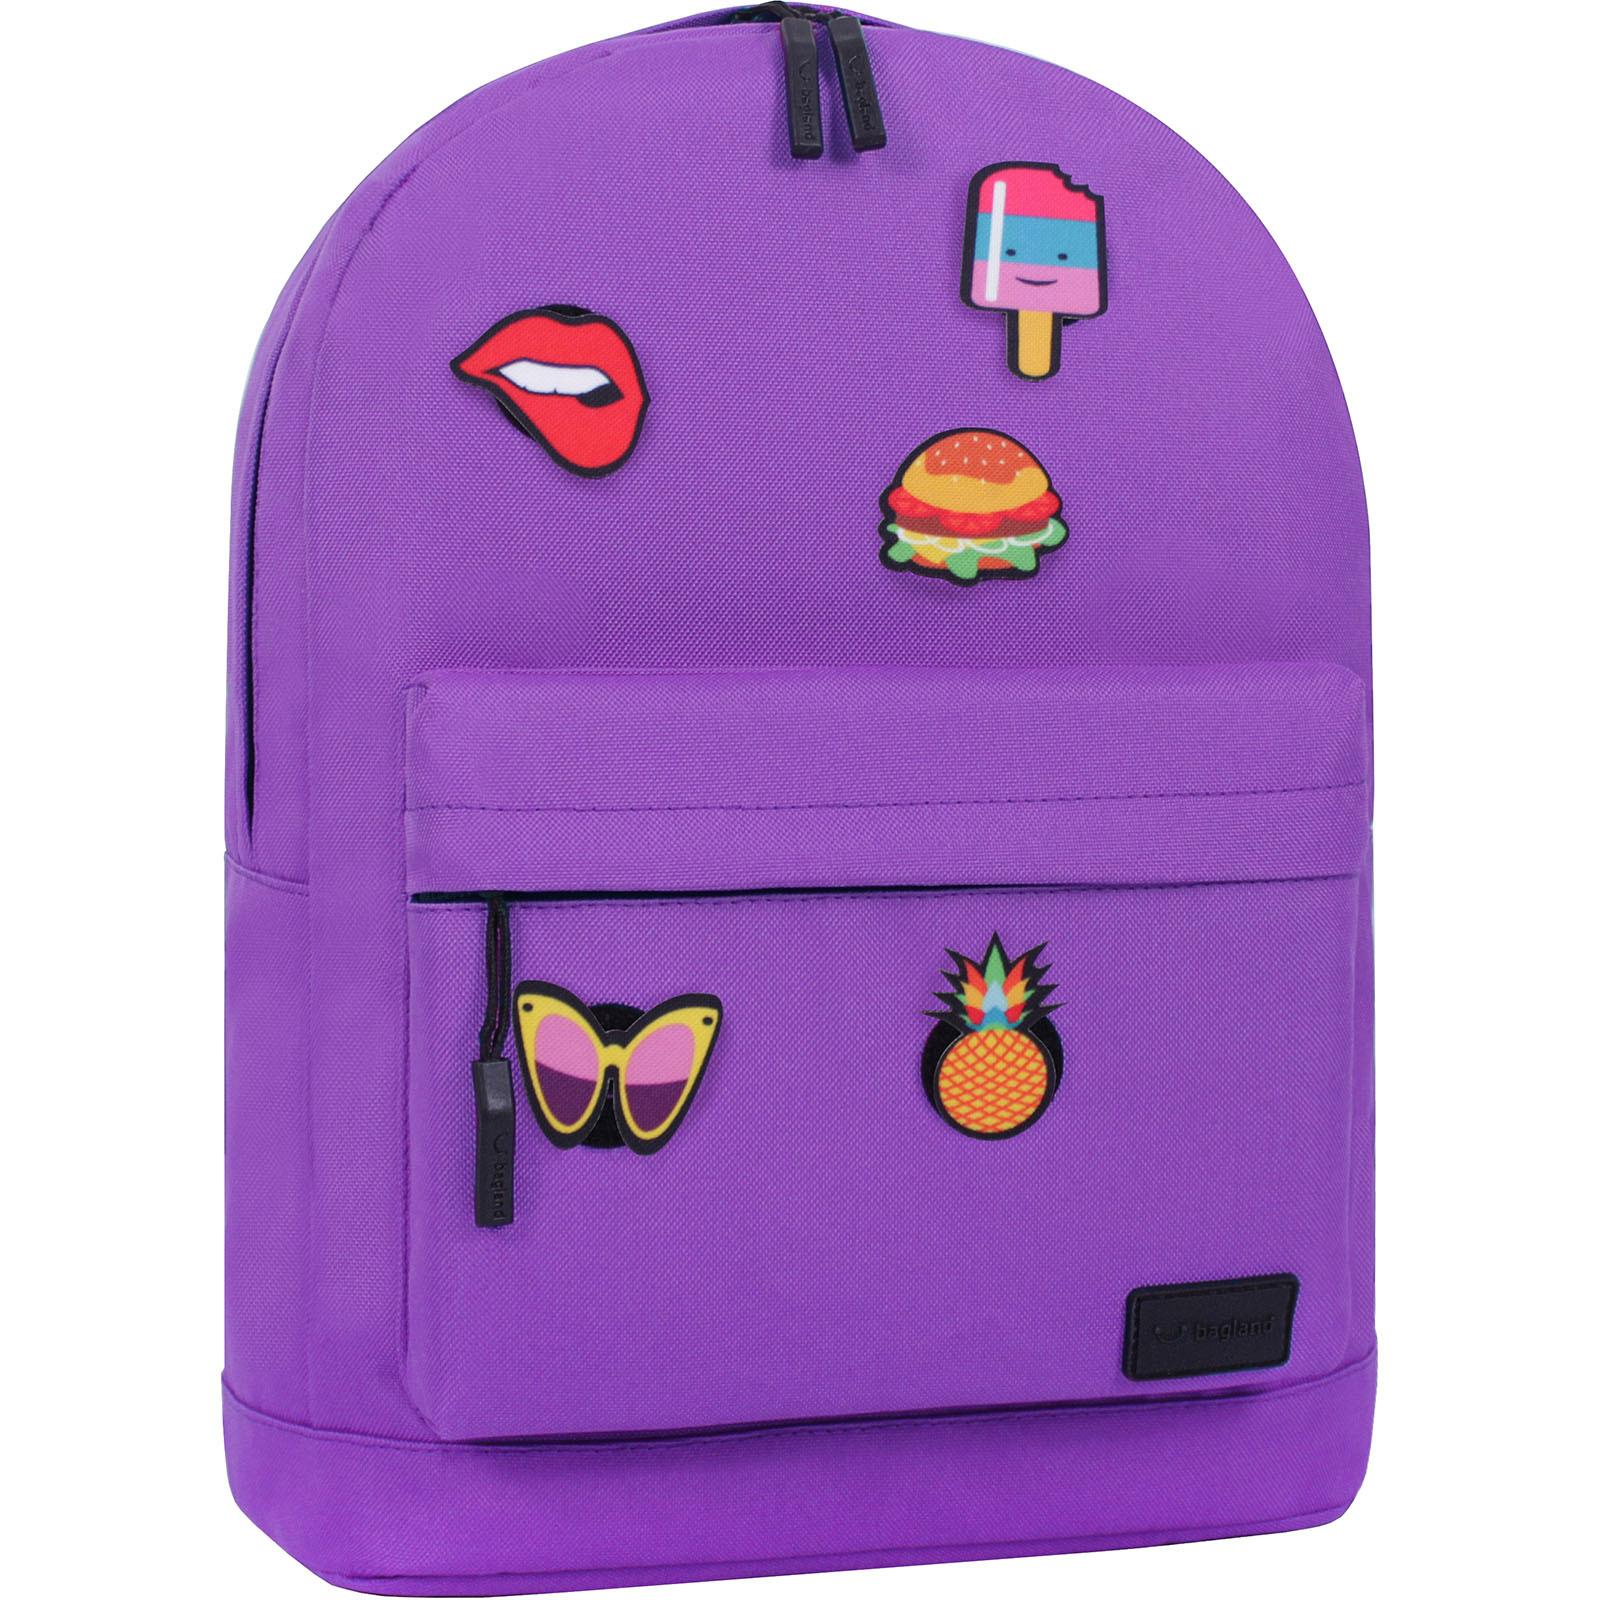 Рюкзак Bagland Молодежный W/R 17 л. Фиолетовый 170 (00533662 Ш) фото 1